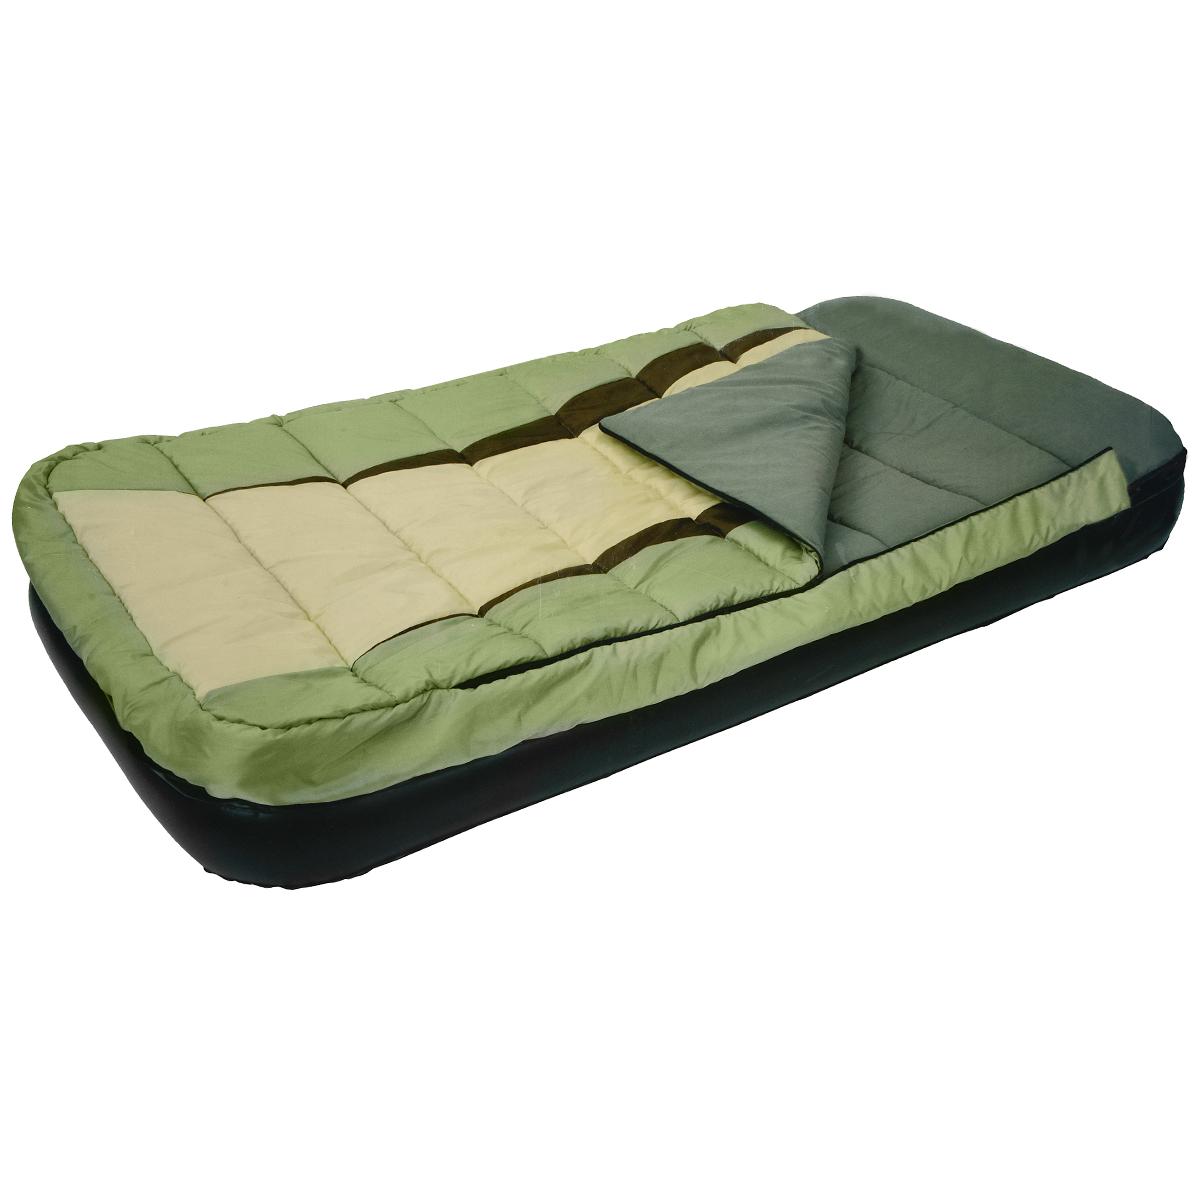 Кровать надувная Relax со спальником, 190 х 99 х 25 смJL027008NКровать Relax проста в использовании, очень комфортная, не занимает много места при хранении. Сдержанный дизайн и нейтральные цвета подходят к любому интерьеру и делают надувную кровать Relax отличным выбором для домашнего использования. Надувная кровать и спальный мешок могут быть использованы совместно или по отдельности.- Спальник фиксируется к кровати с помощью молнии.- Время надувания 2-3 минуты.- Самоклеящаяся заплатка прилагается.